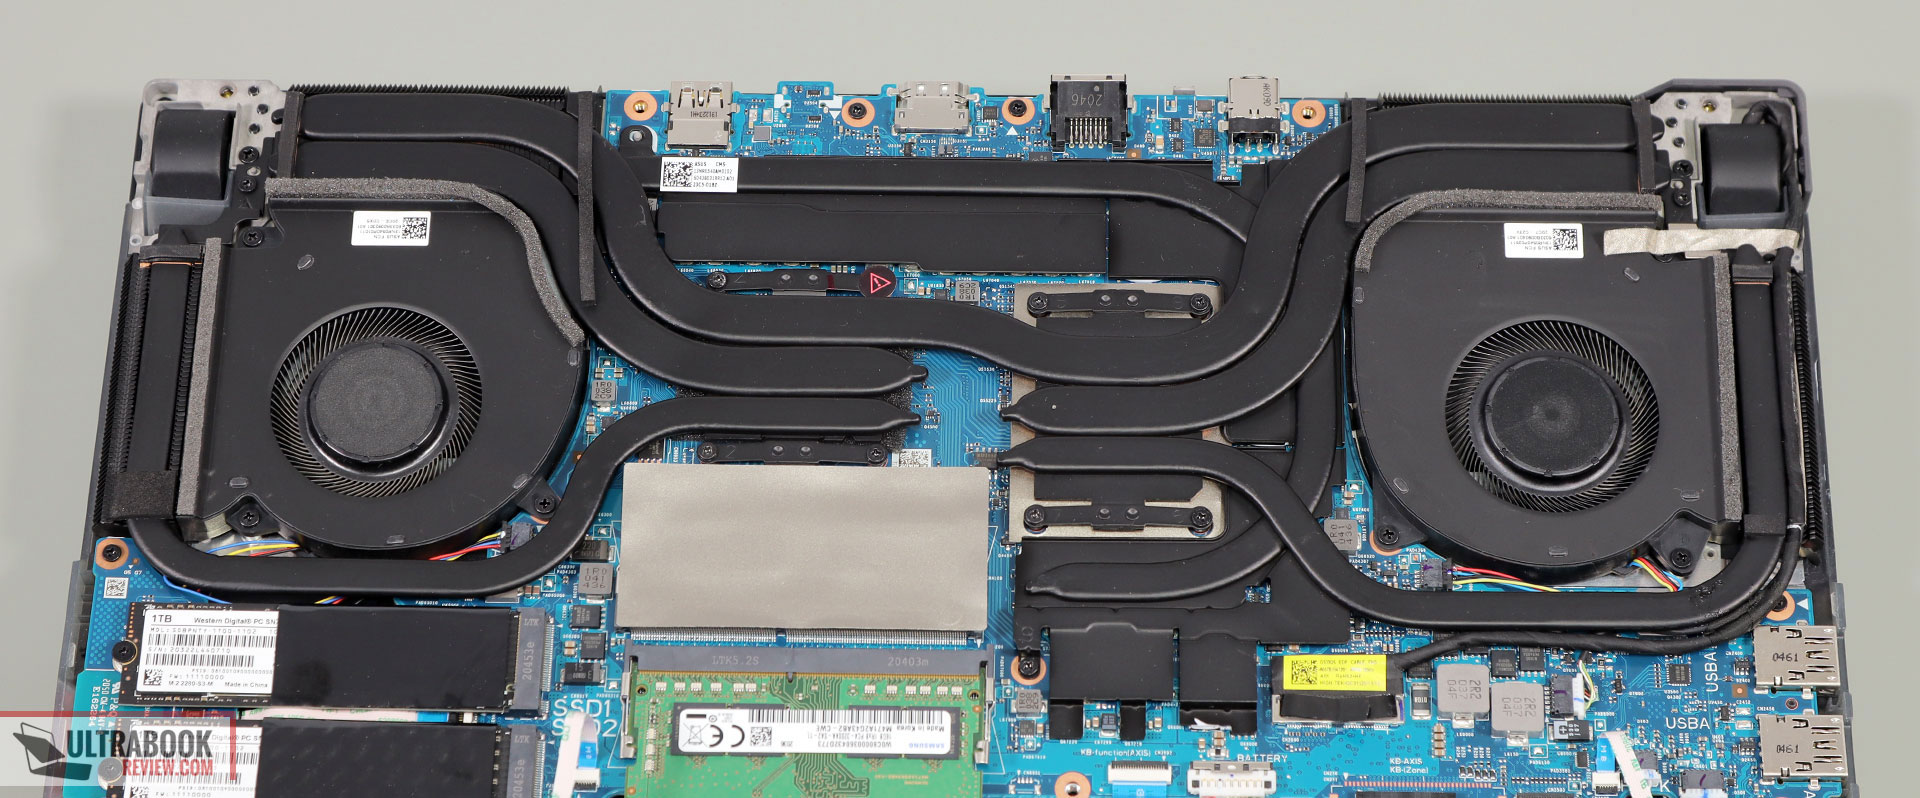 ROG Scar 15 cooling